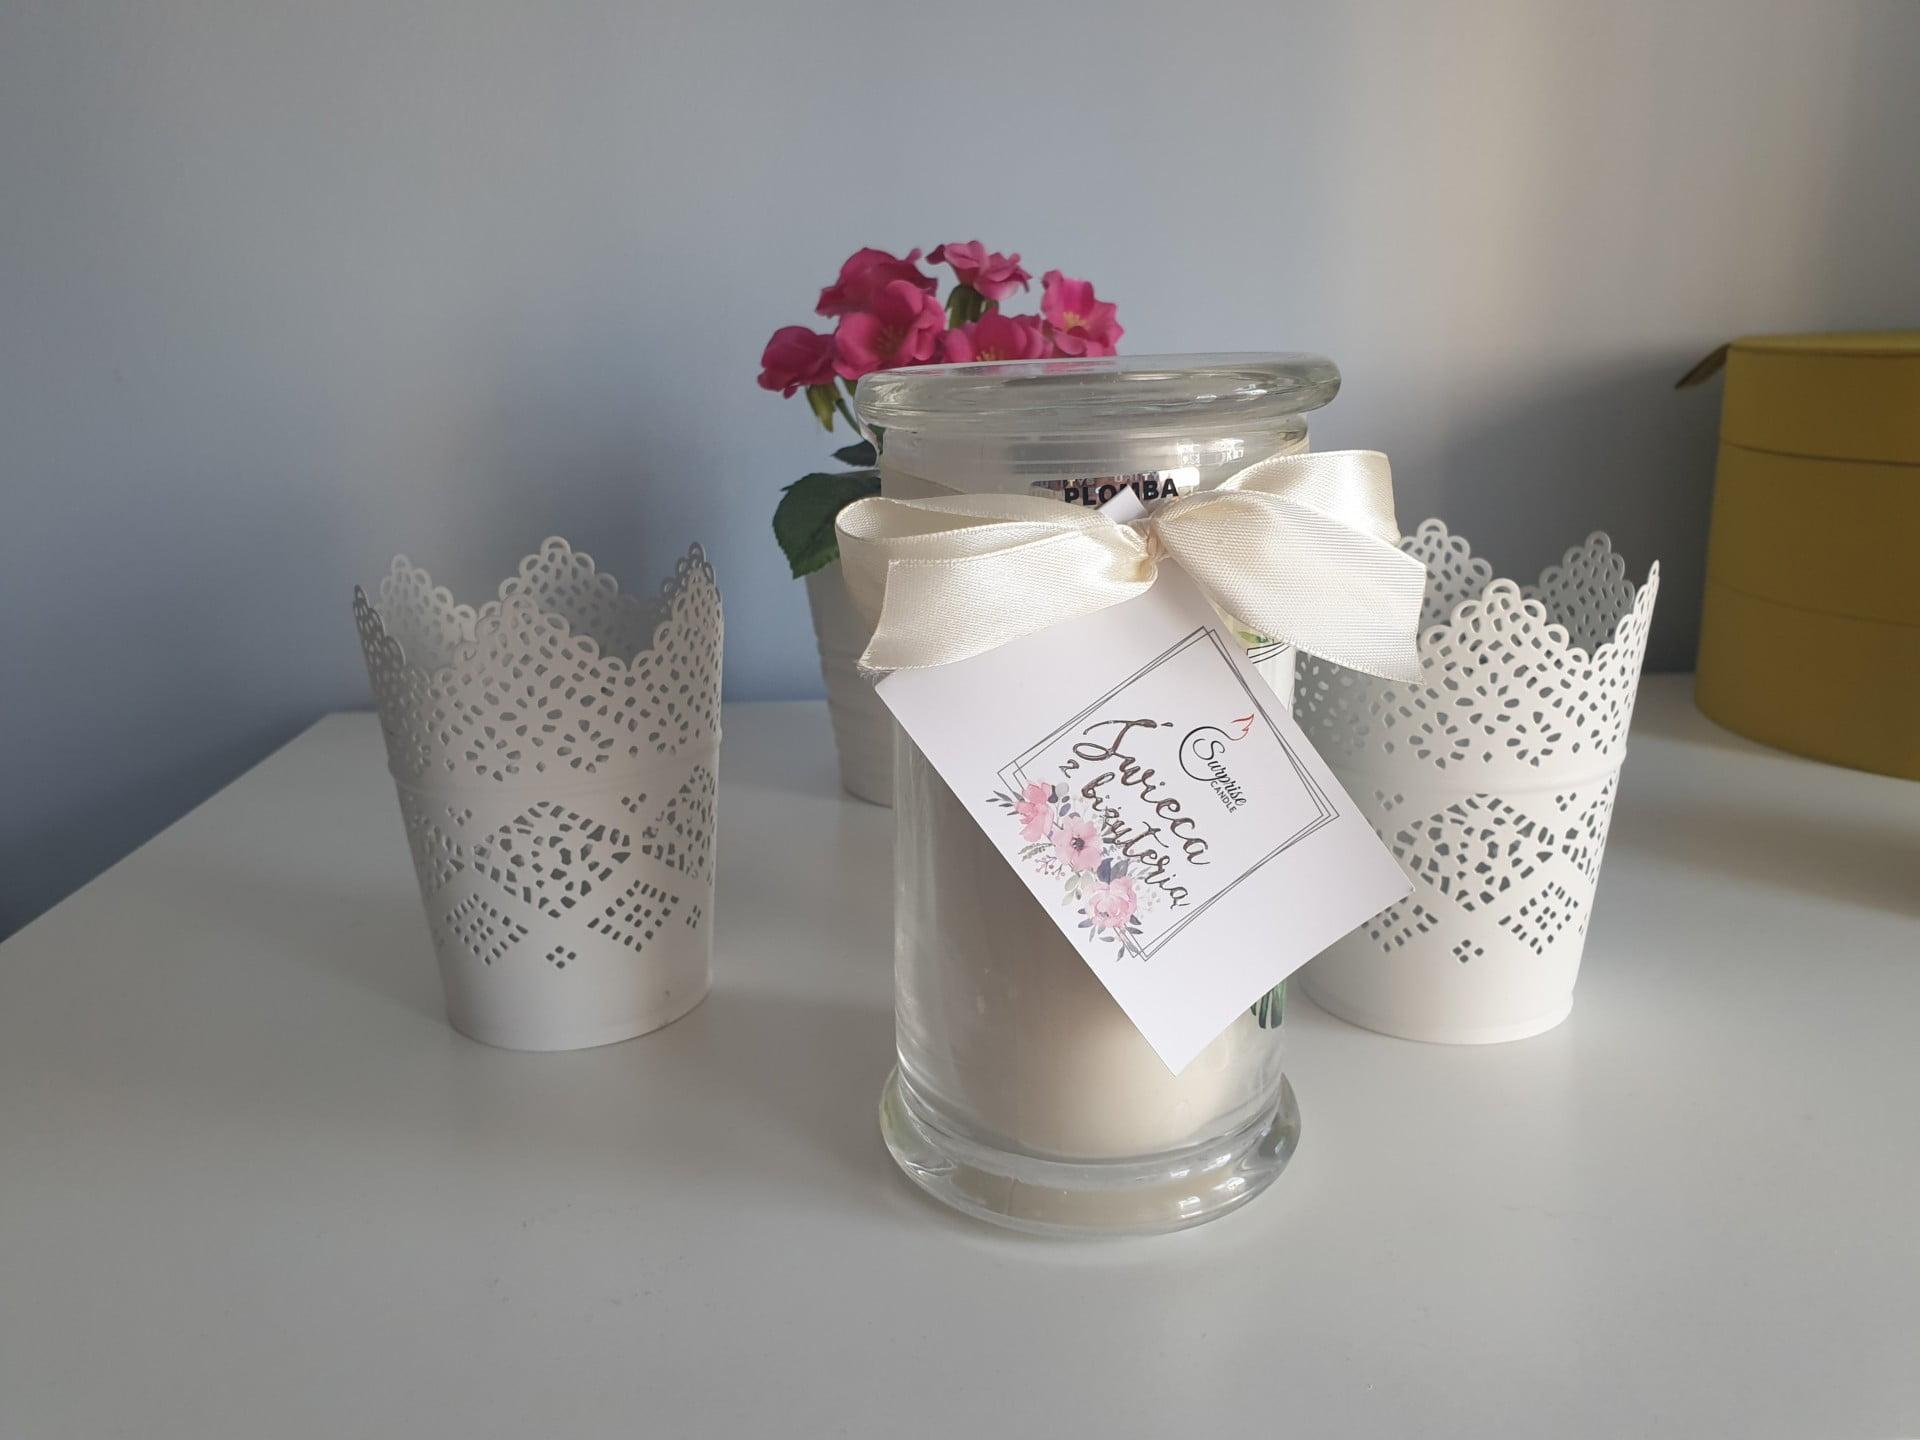 Świeca jako prezentowy pomysł pachnie fantastycznie.